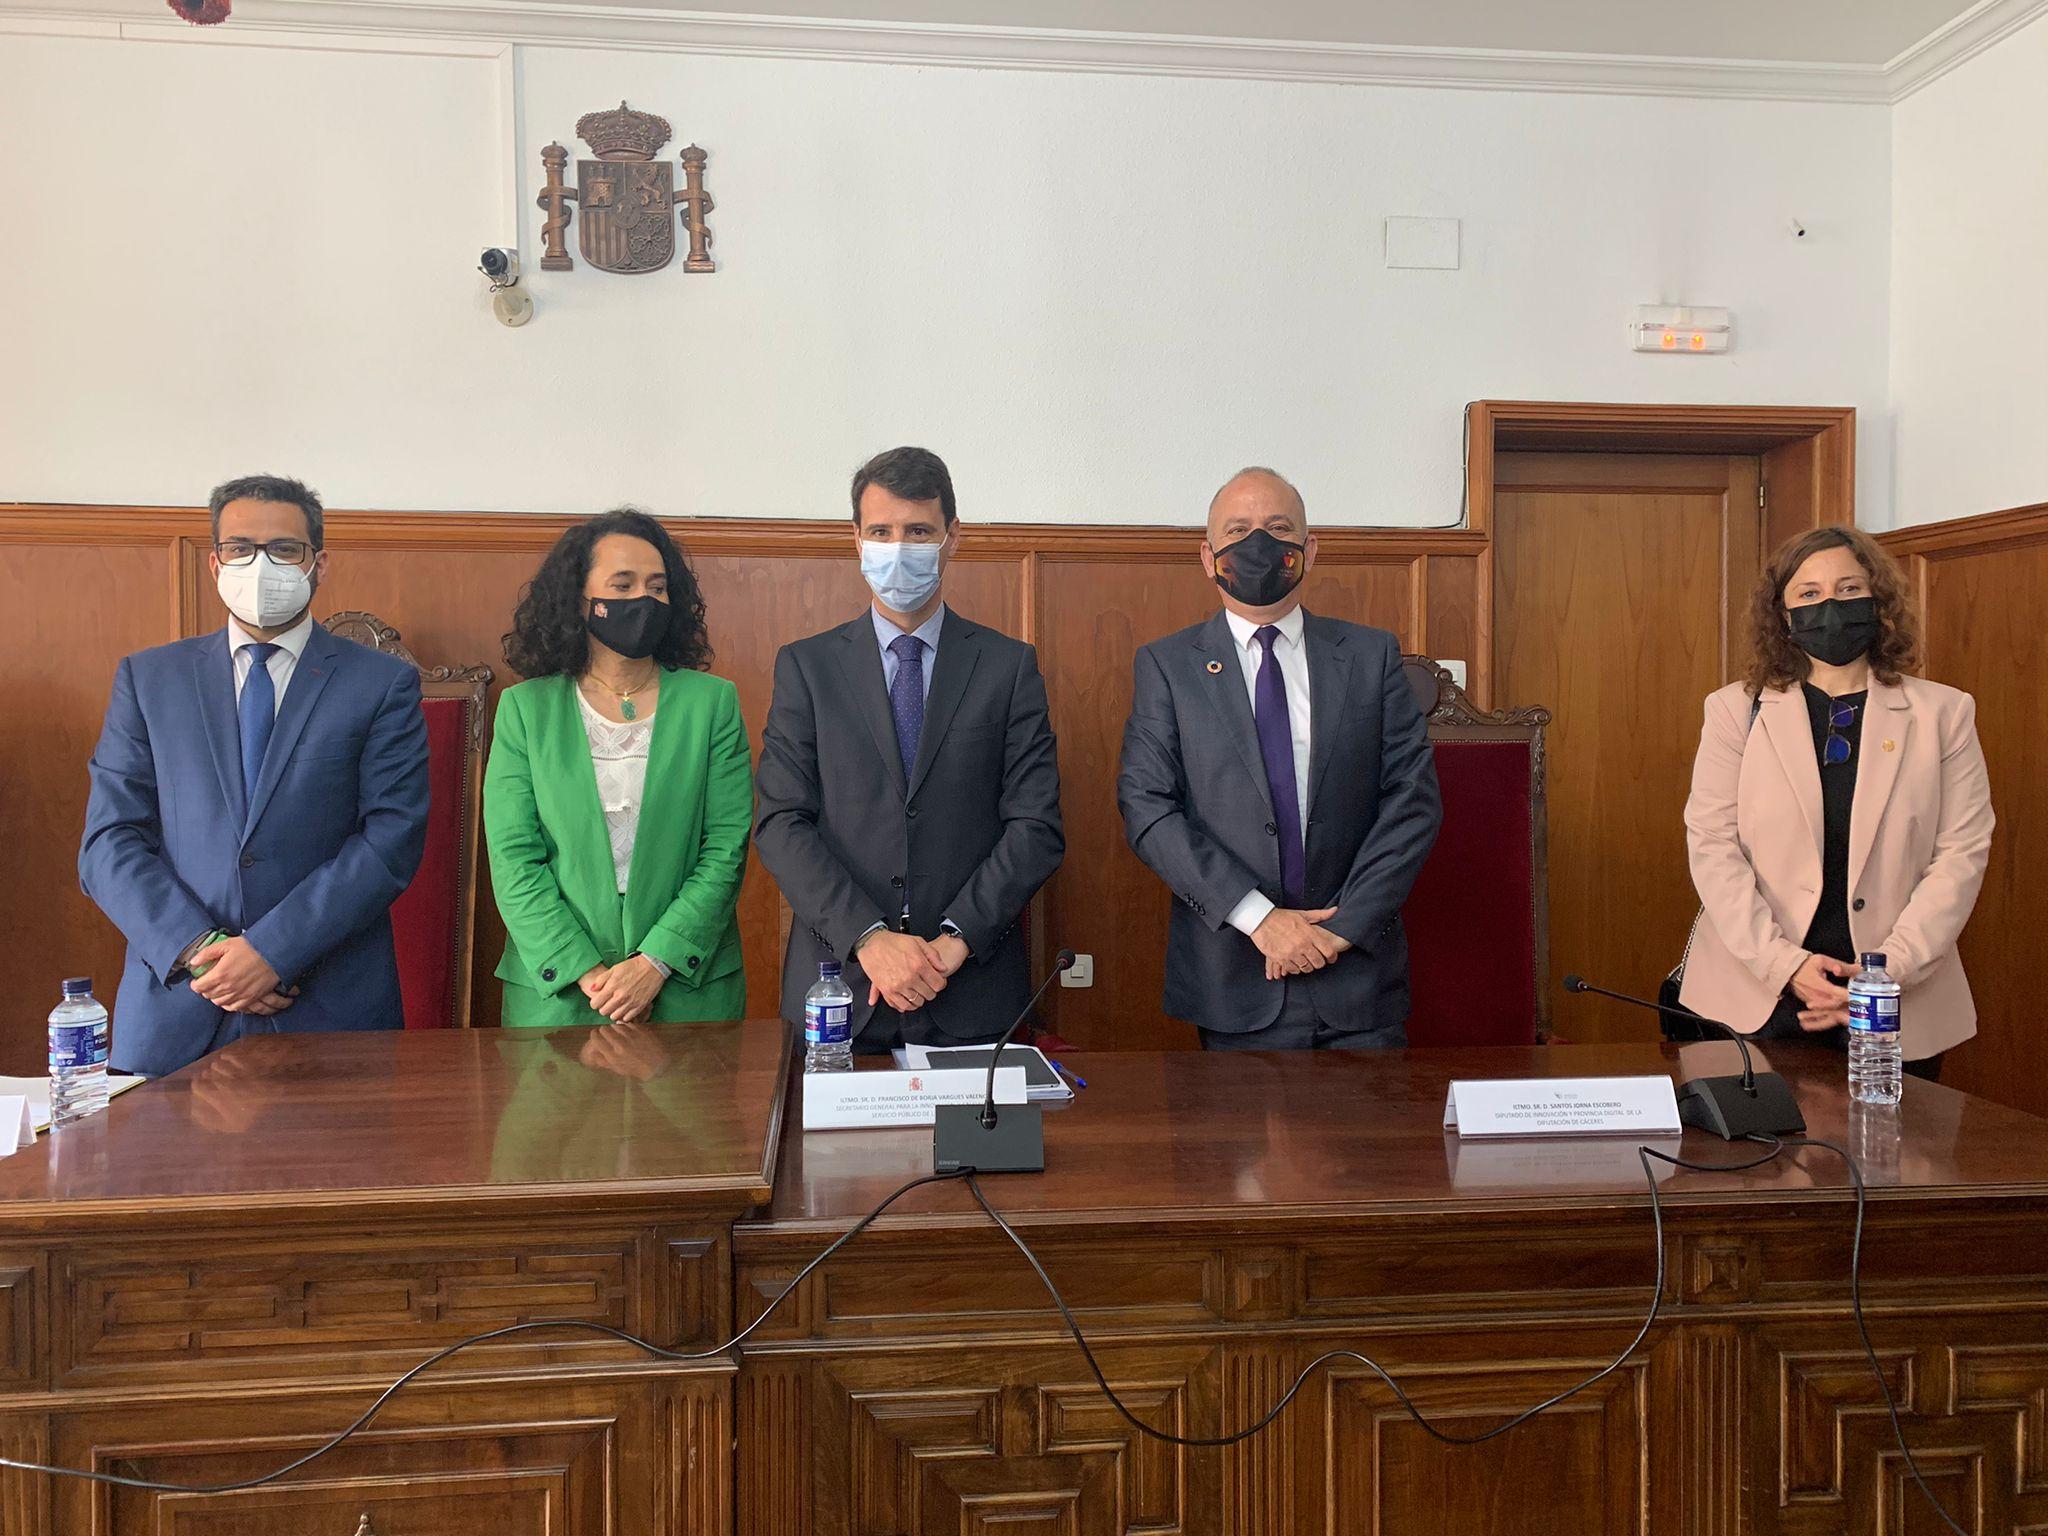 Diputación de Cáceres colabora en la digitalización de la Justicia extremeña